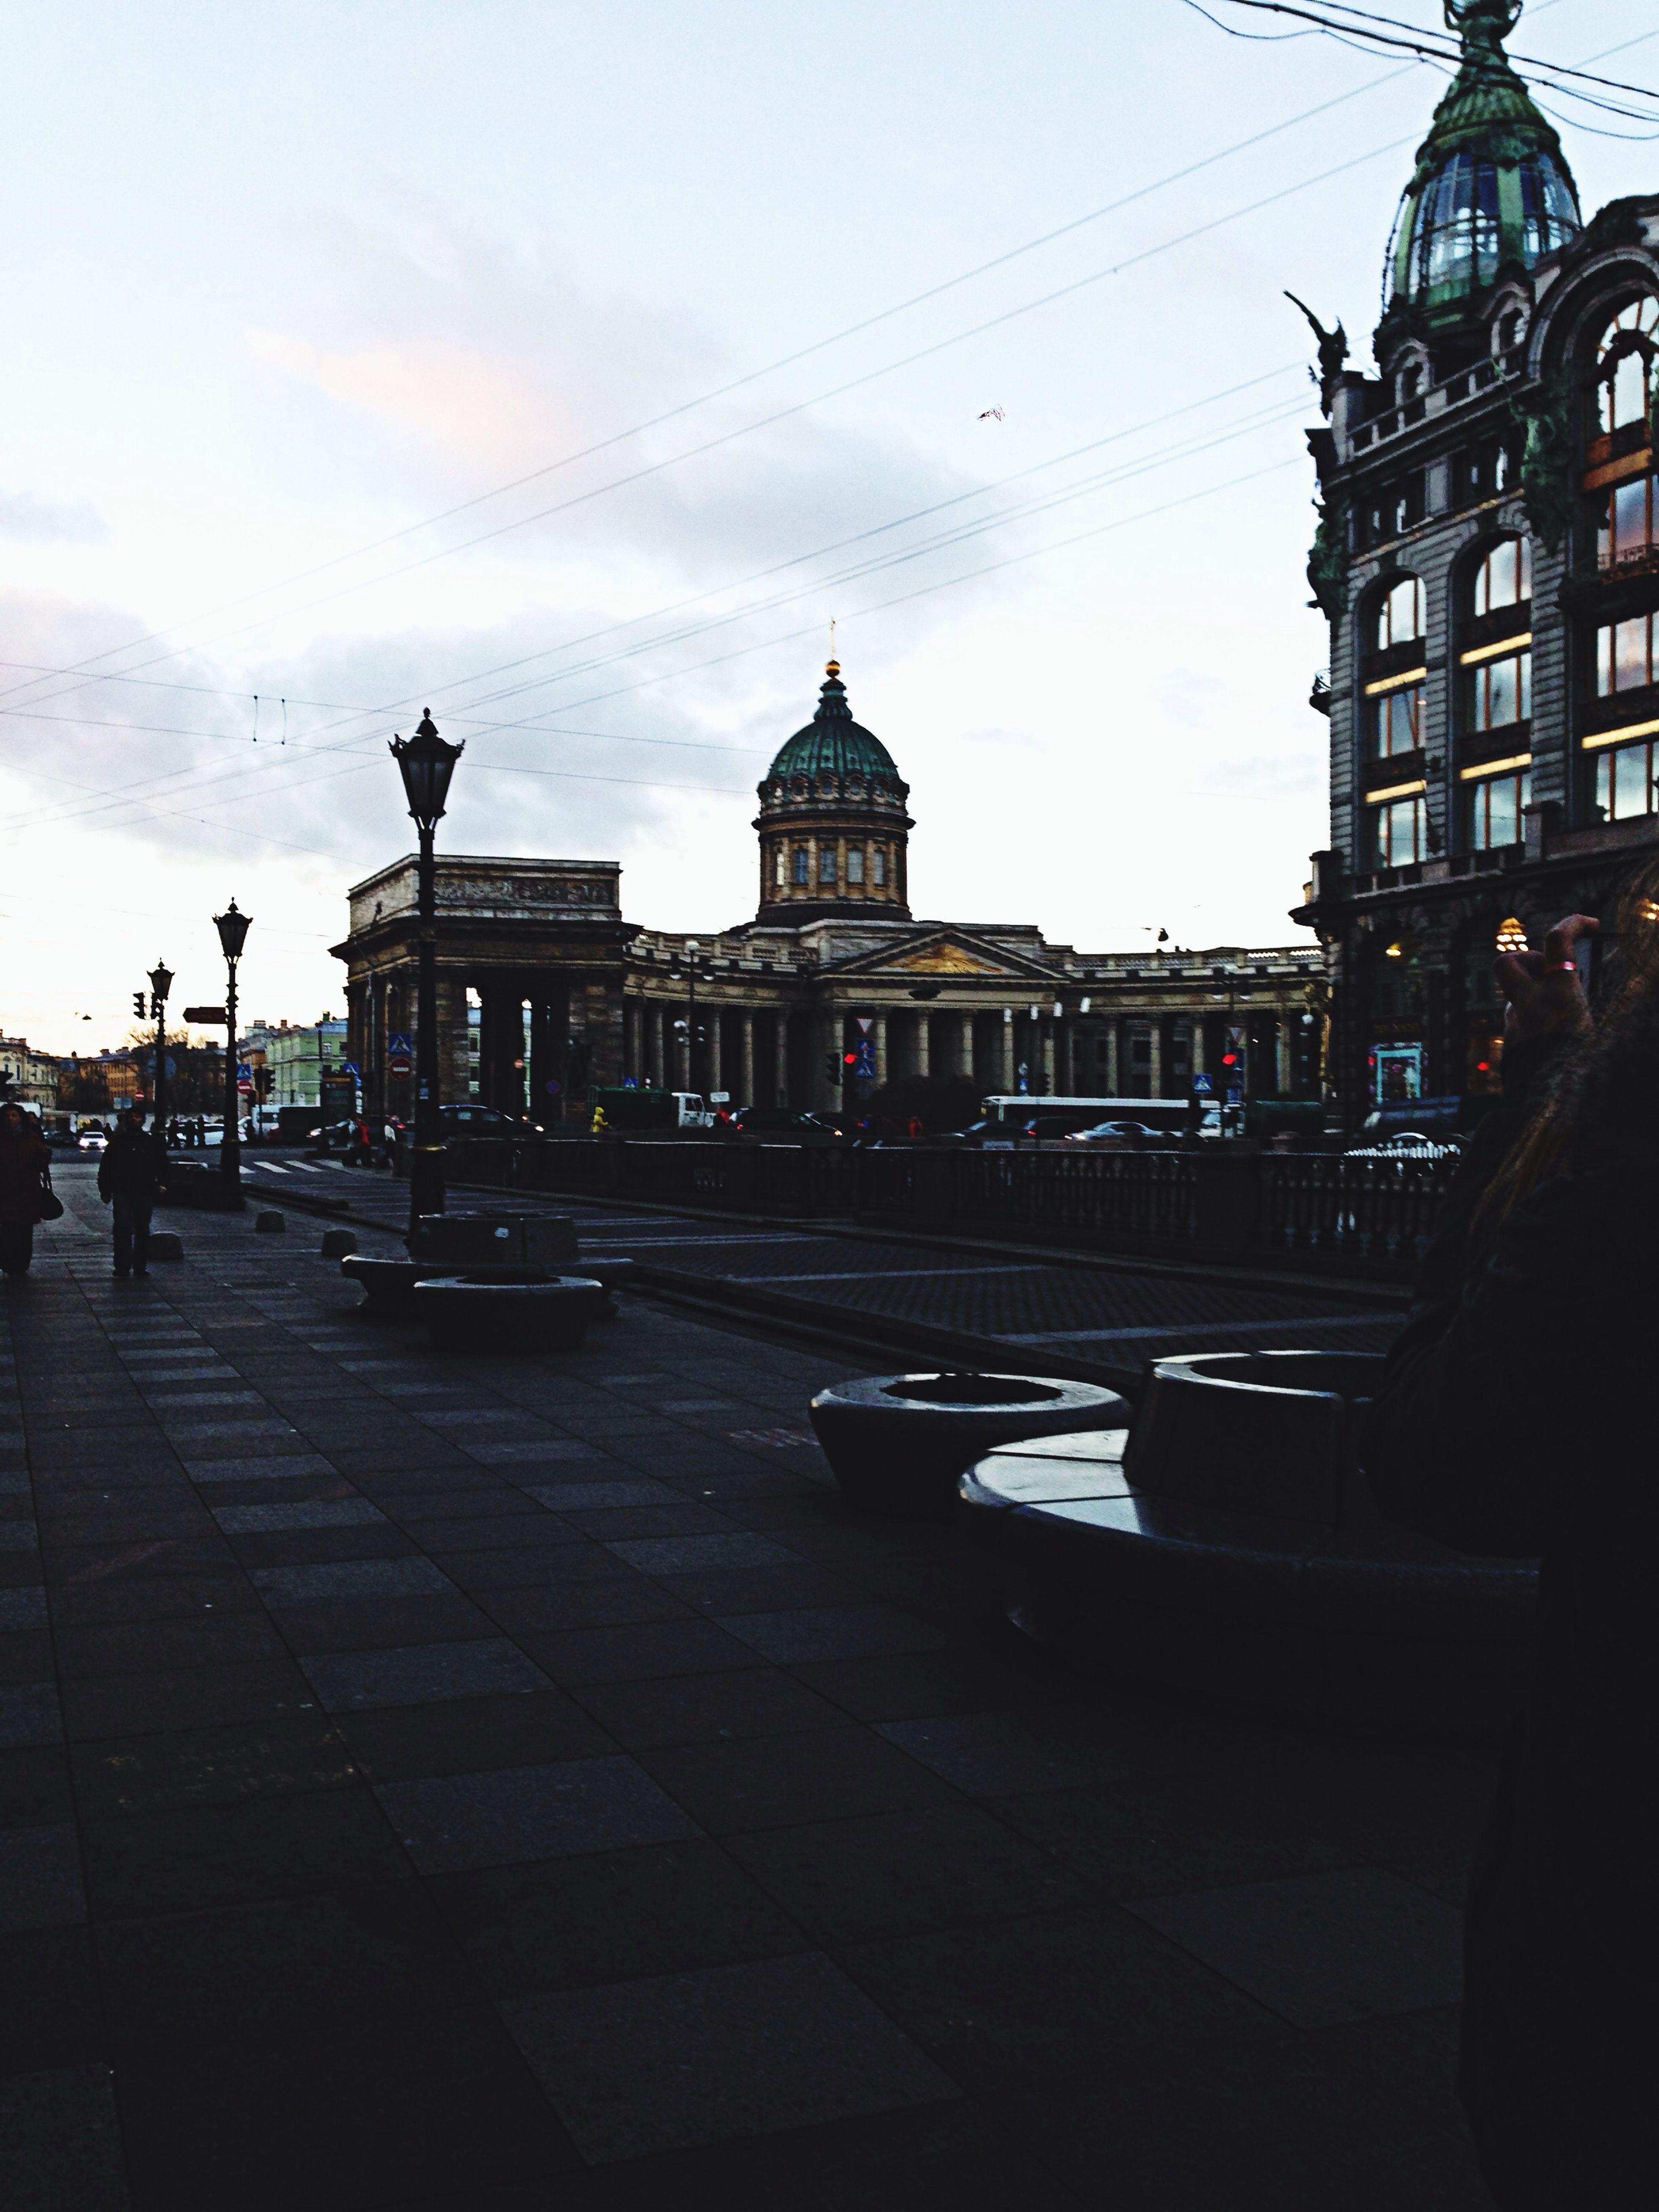 2 weeks ago? Travelling Russia St. Petersburg